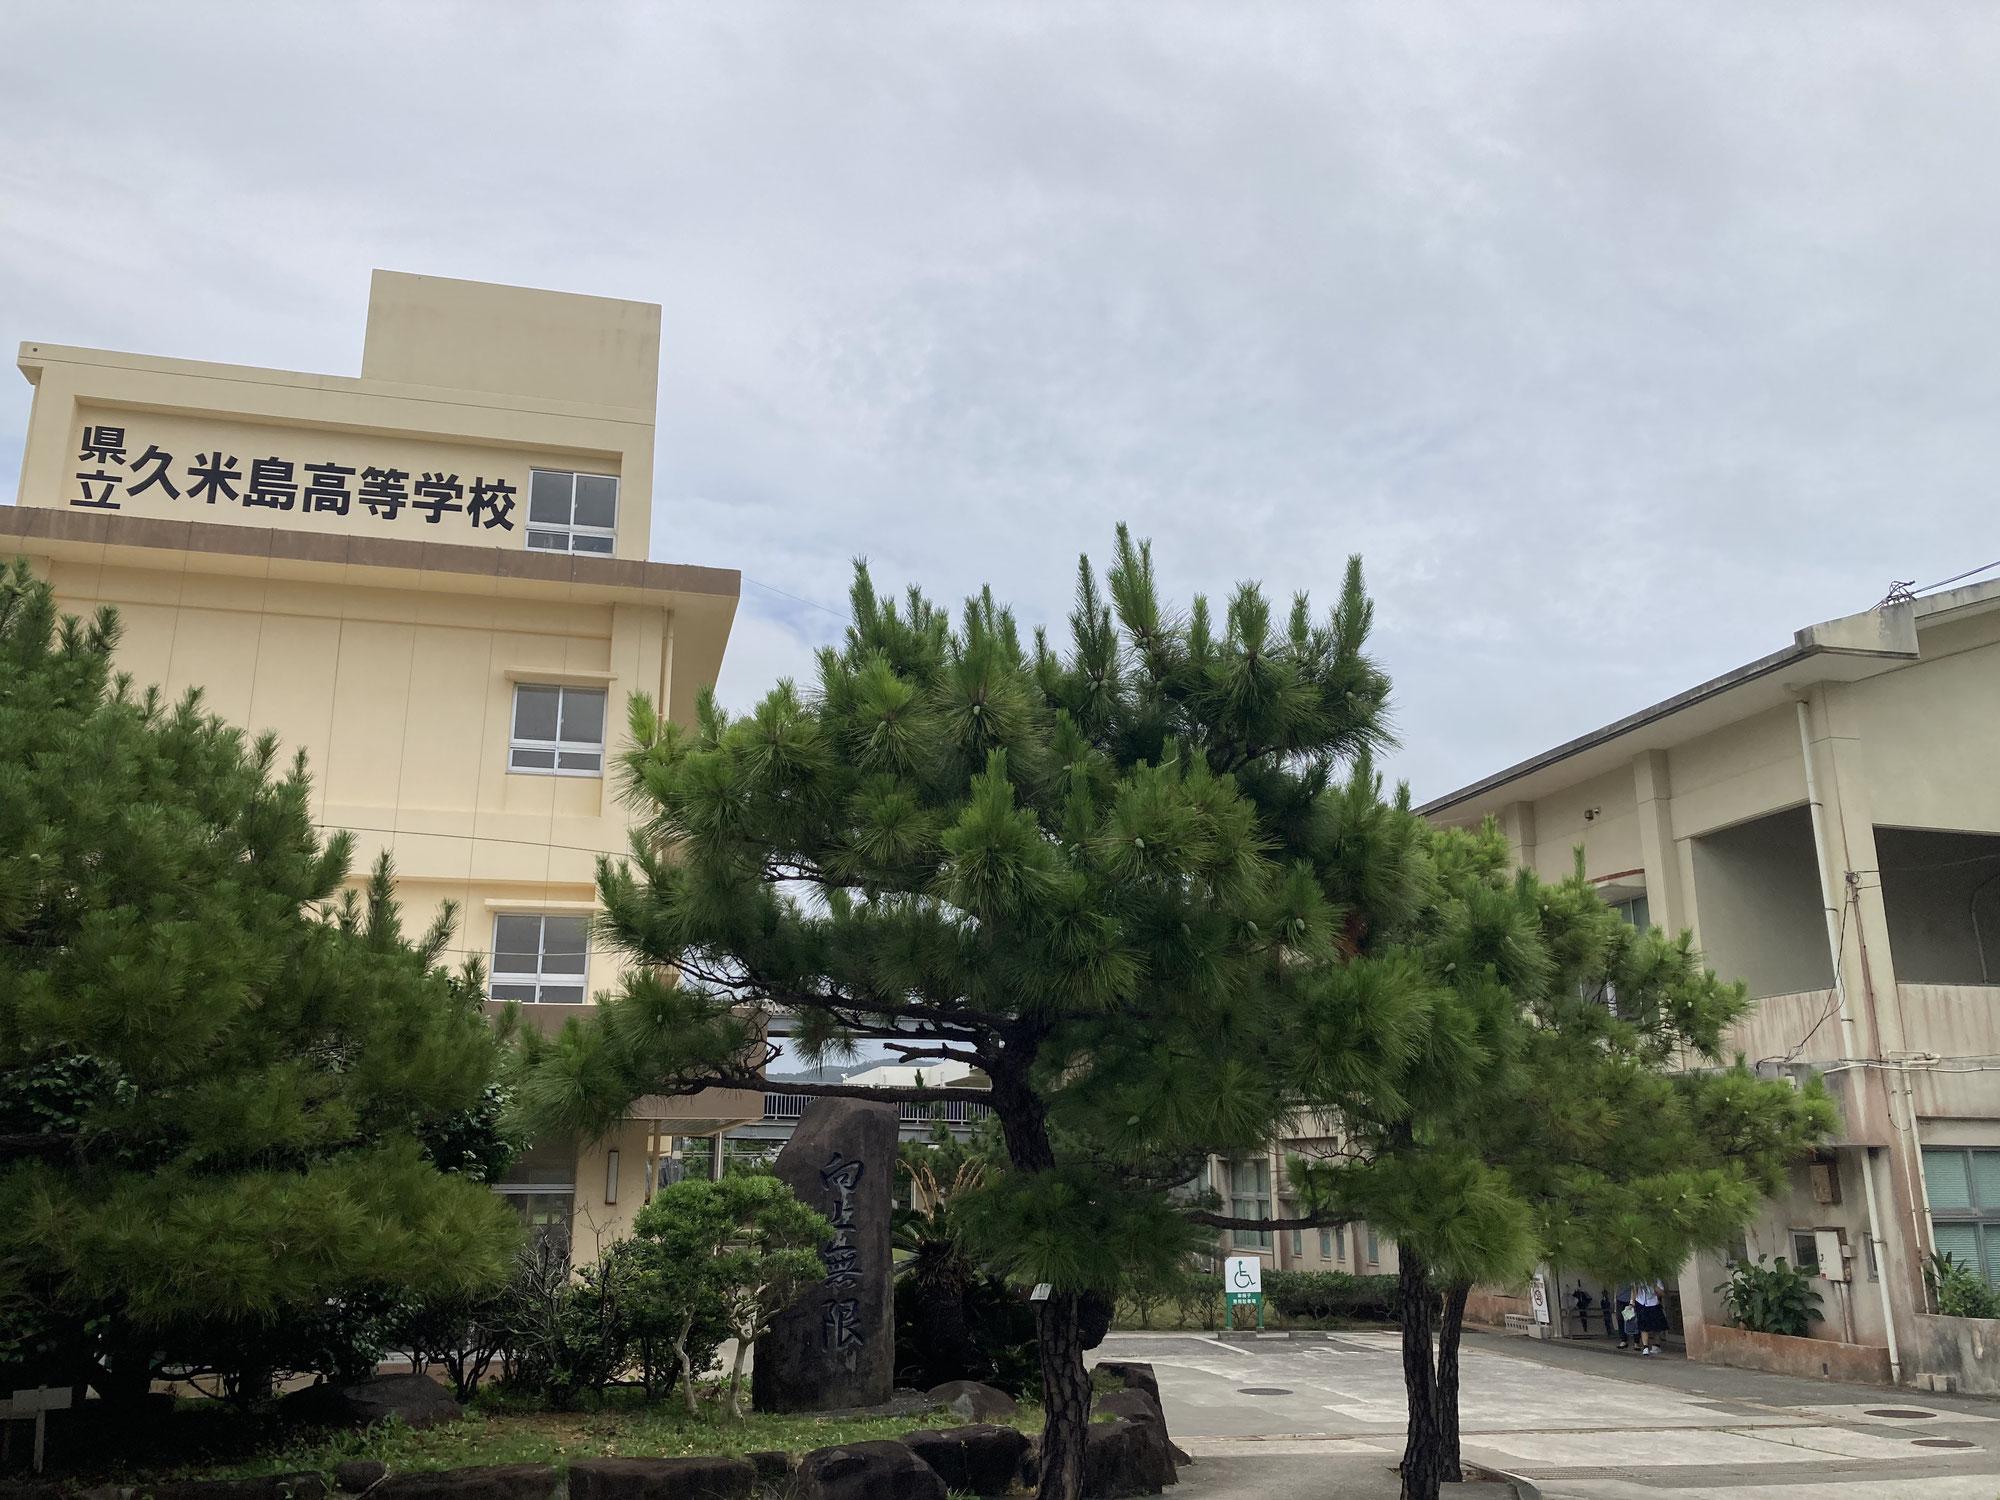 ミニオープンスクール開催予定!